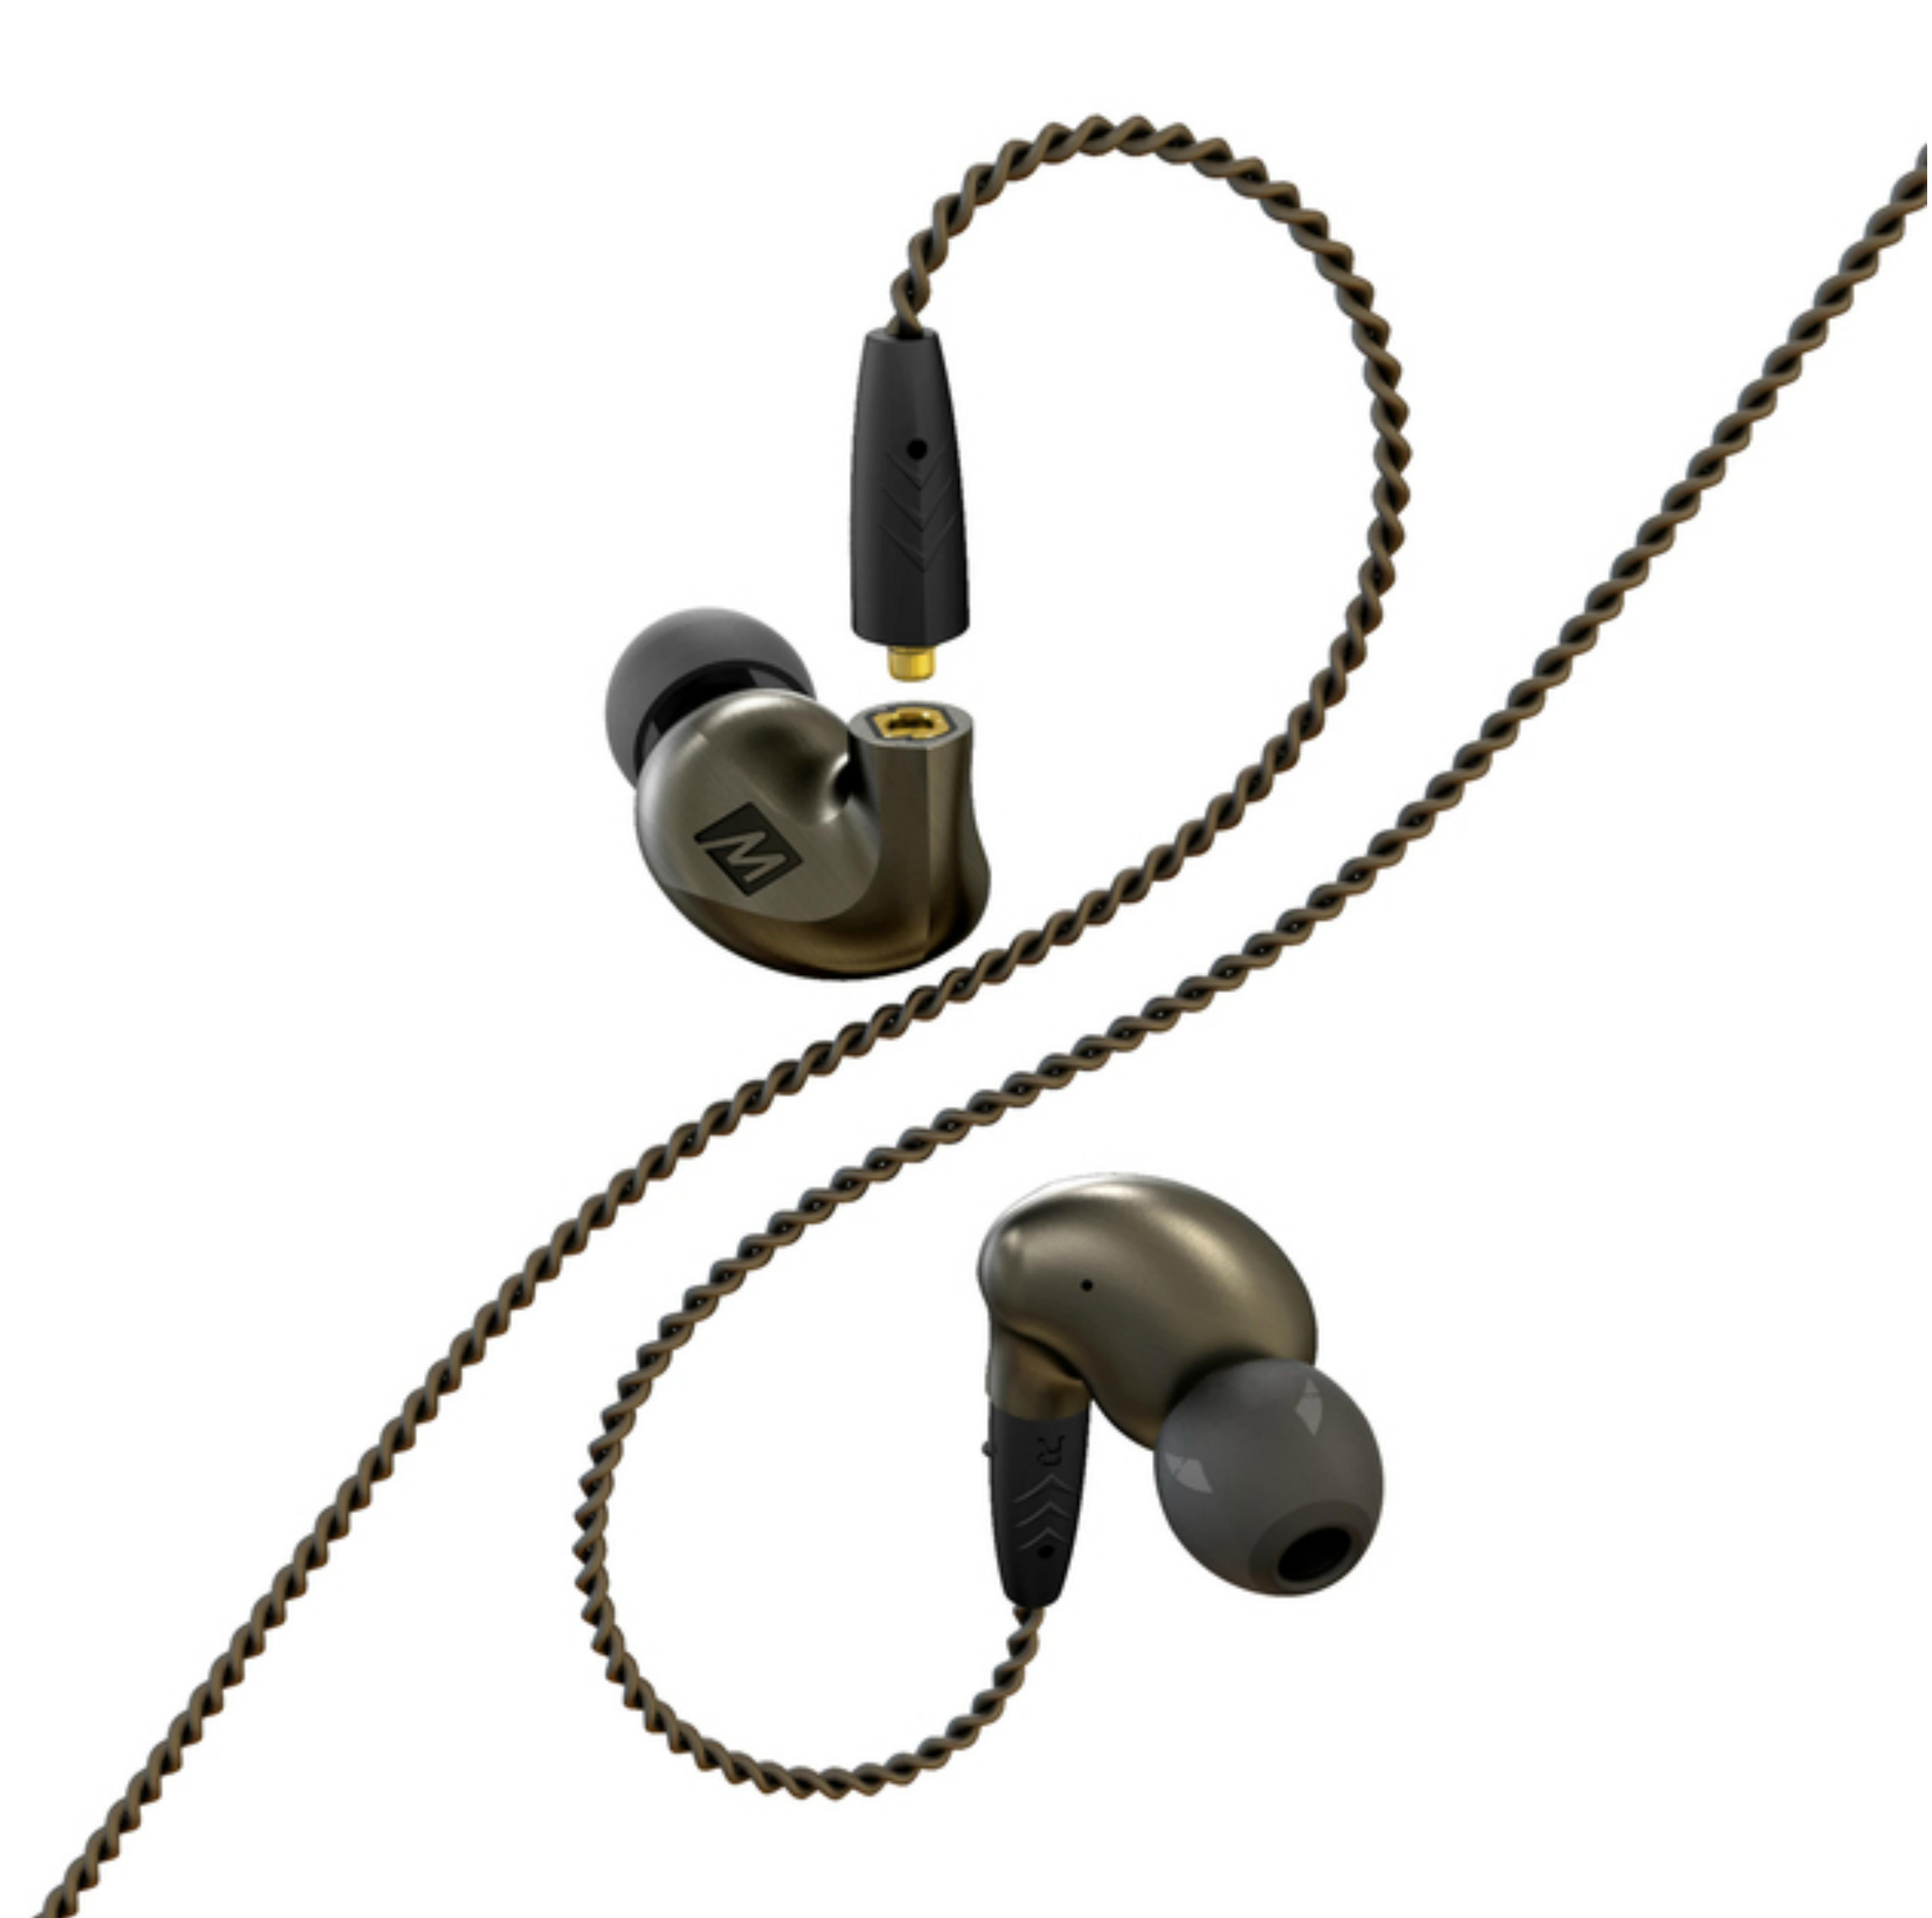 MEE Audio Pinnacle P1 High Fidelity Audiophile In-Ear Headphones + MMCX Cable